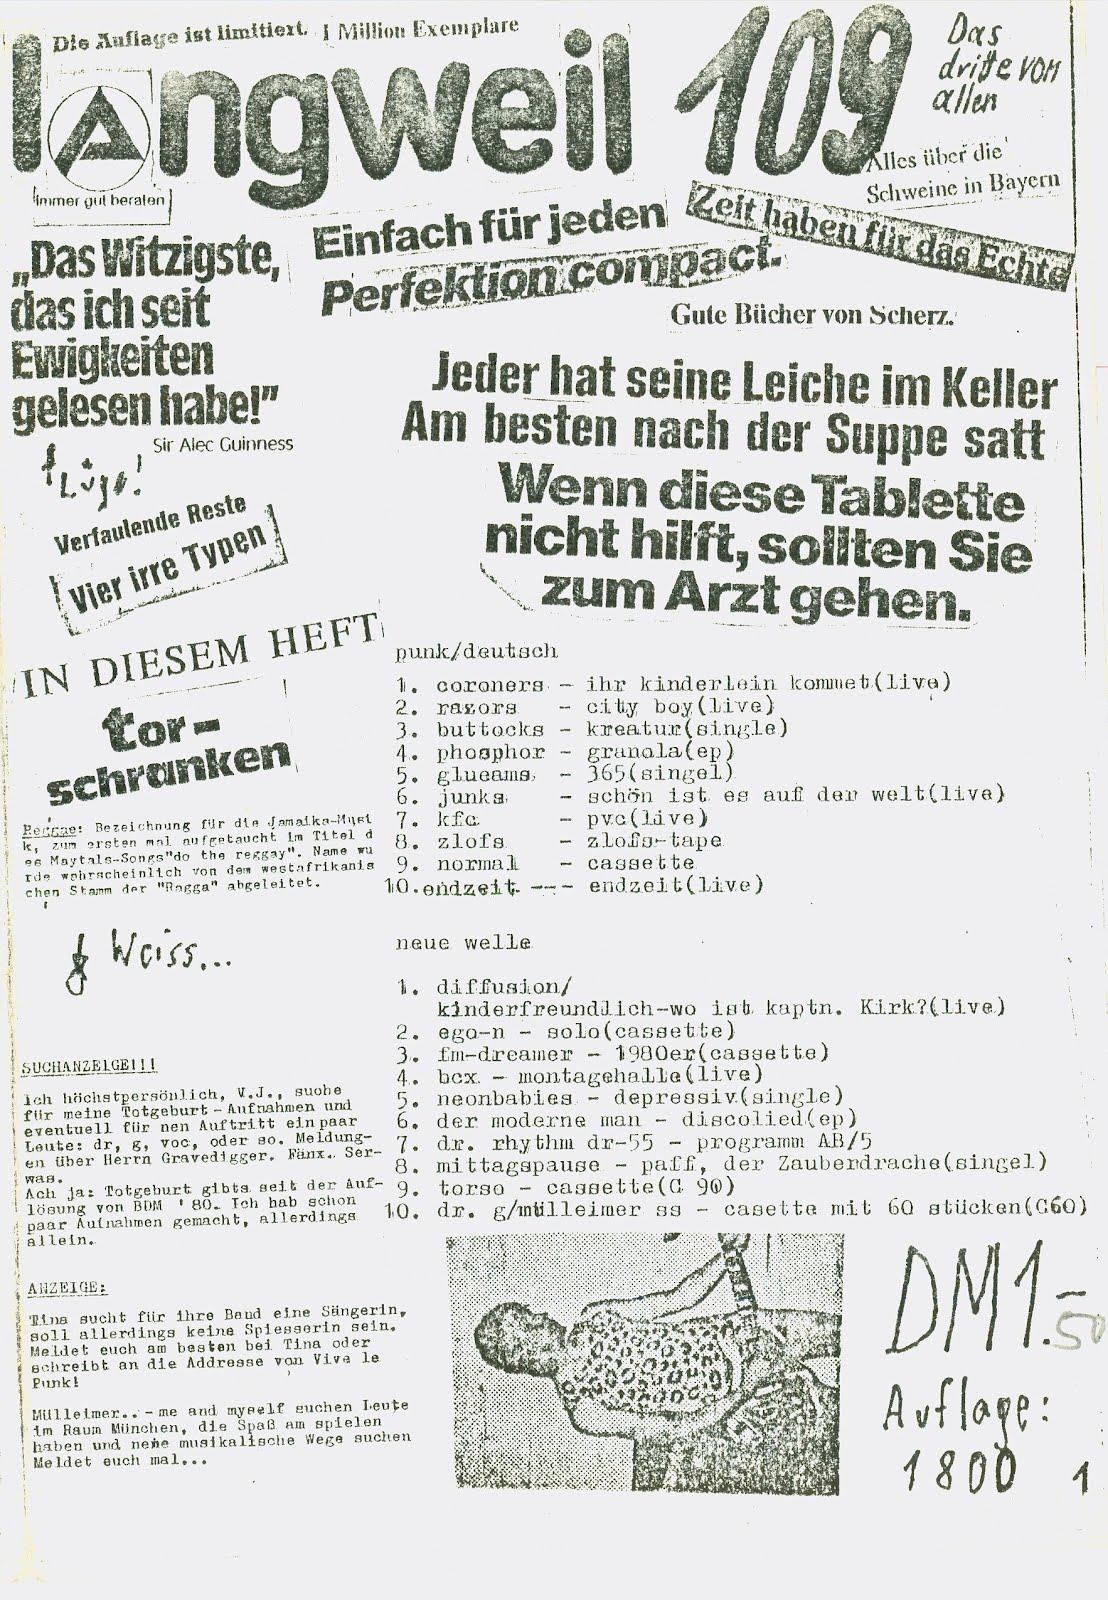 Marionetz / Junks / Störtrupp* Stoertrupp - Beliebte Melodien Aus Deutschem Süden